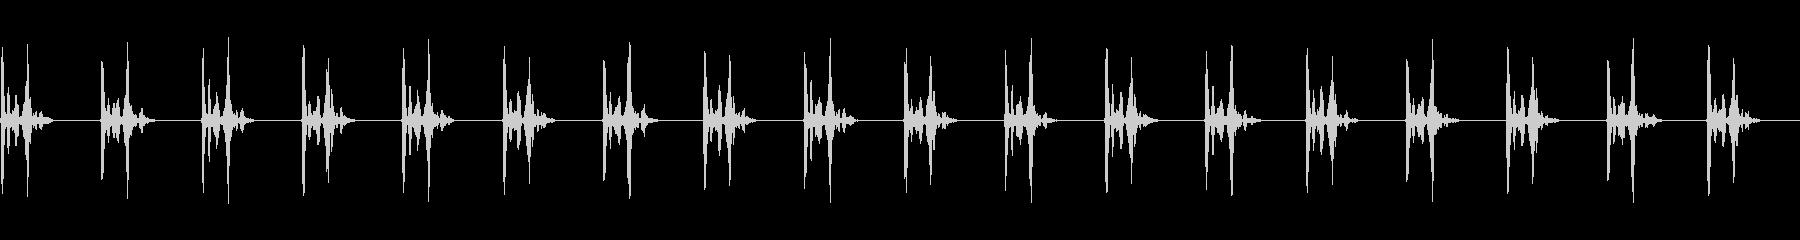 ハートビート合成ハートビート80 BPMの未再生の波形